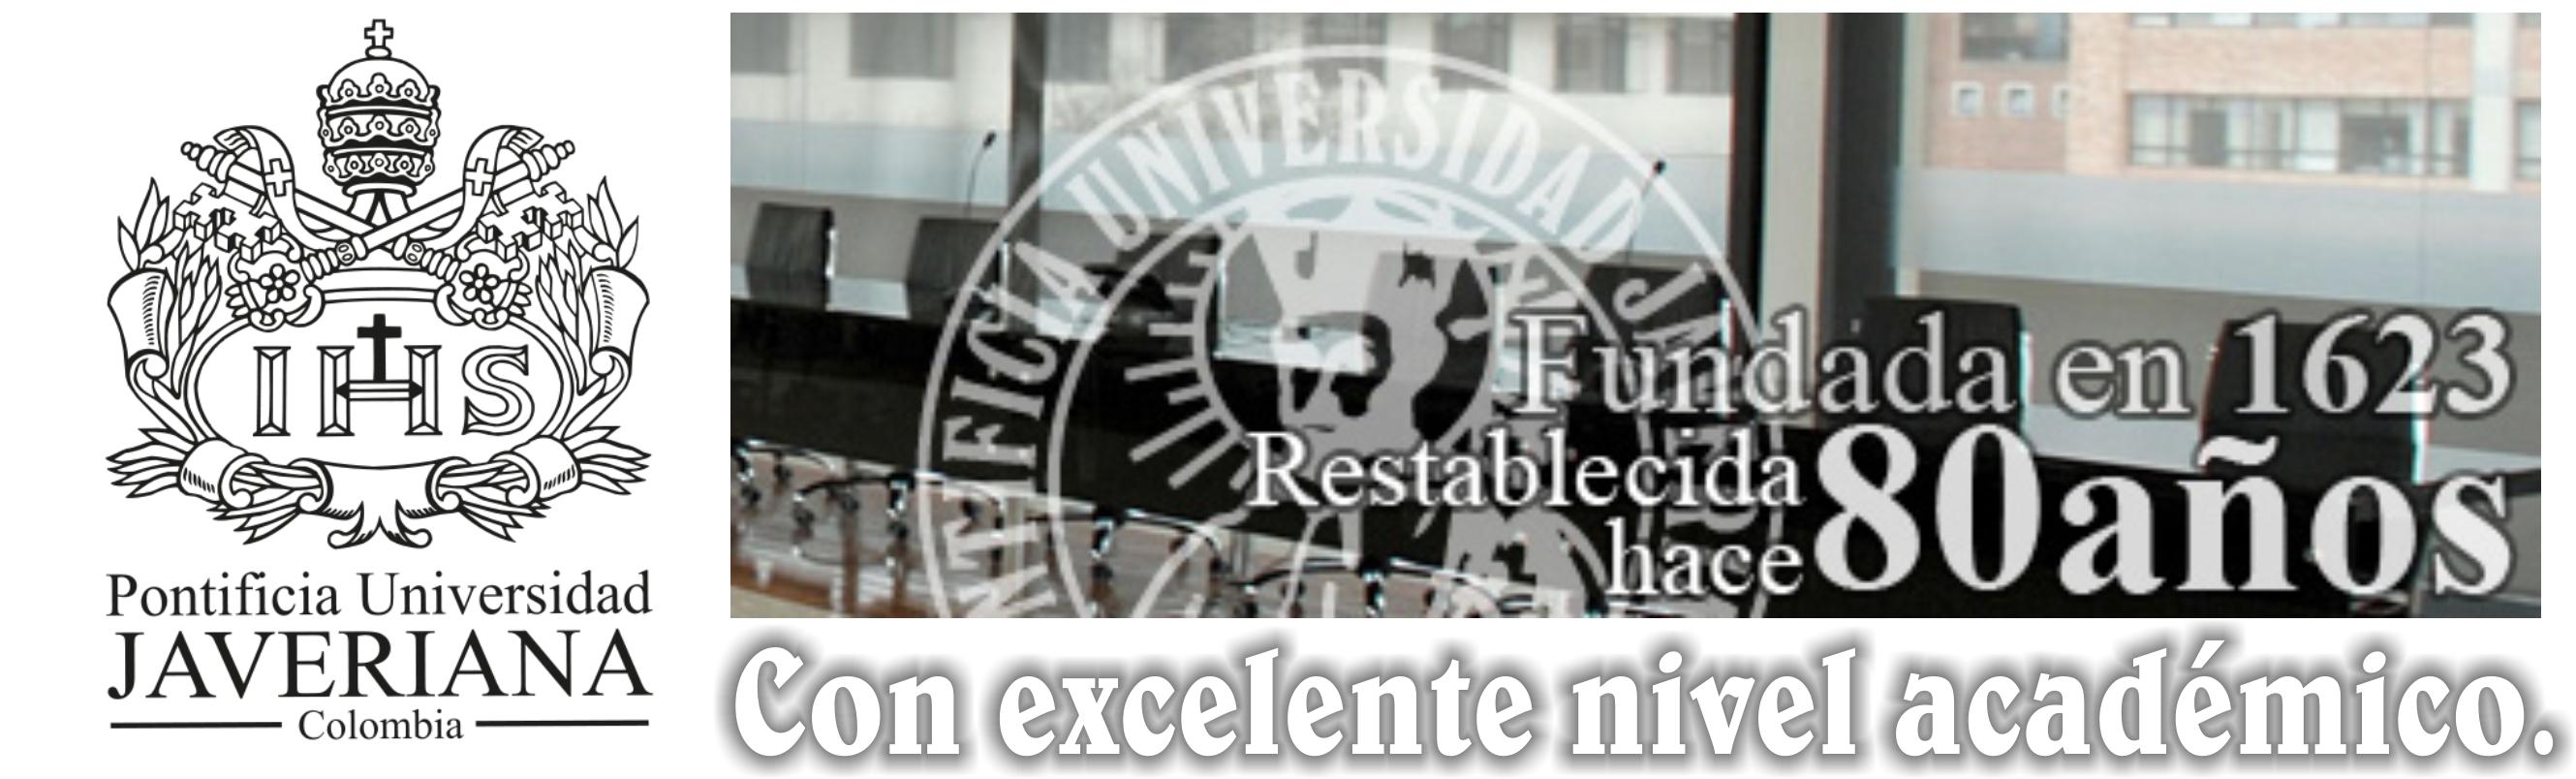 Pontificia Universidad Javeriana, Con excelente nivel académico.